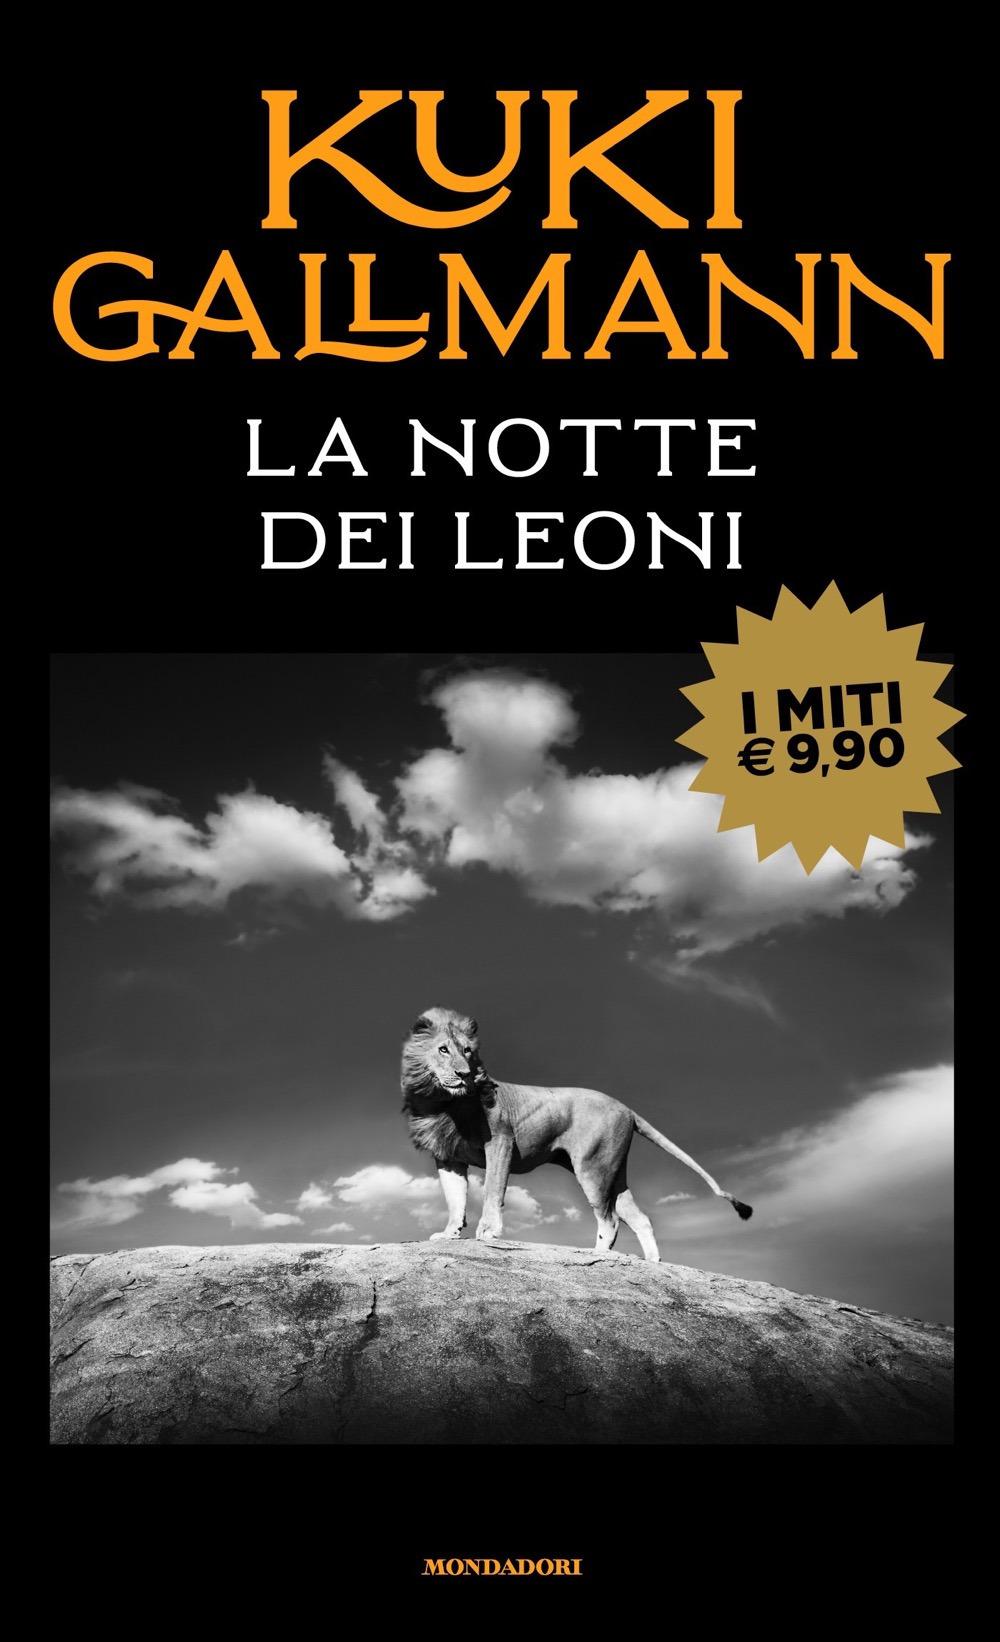 La notte dei leoni